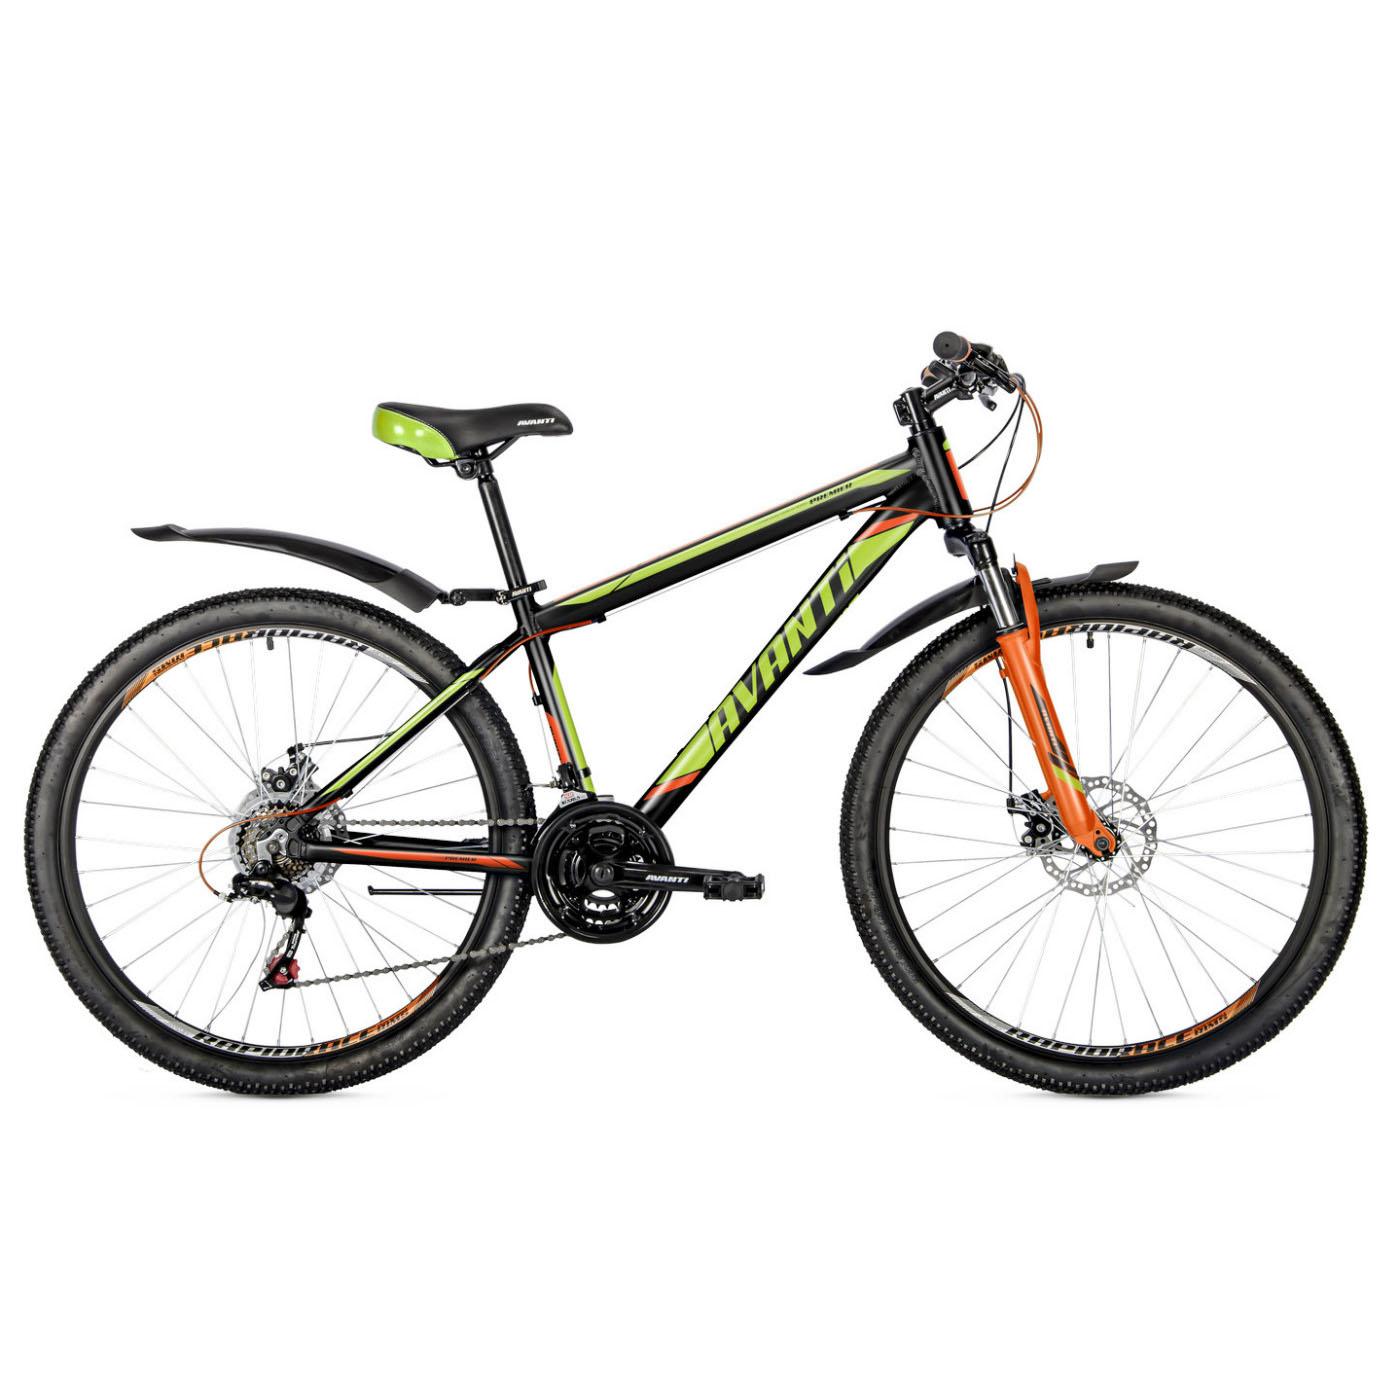 Фото Подростковый Велосипед 26 Avanti Premier disk 2018  черно-желто-оранжевый